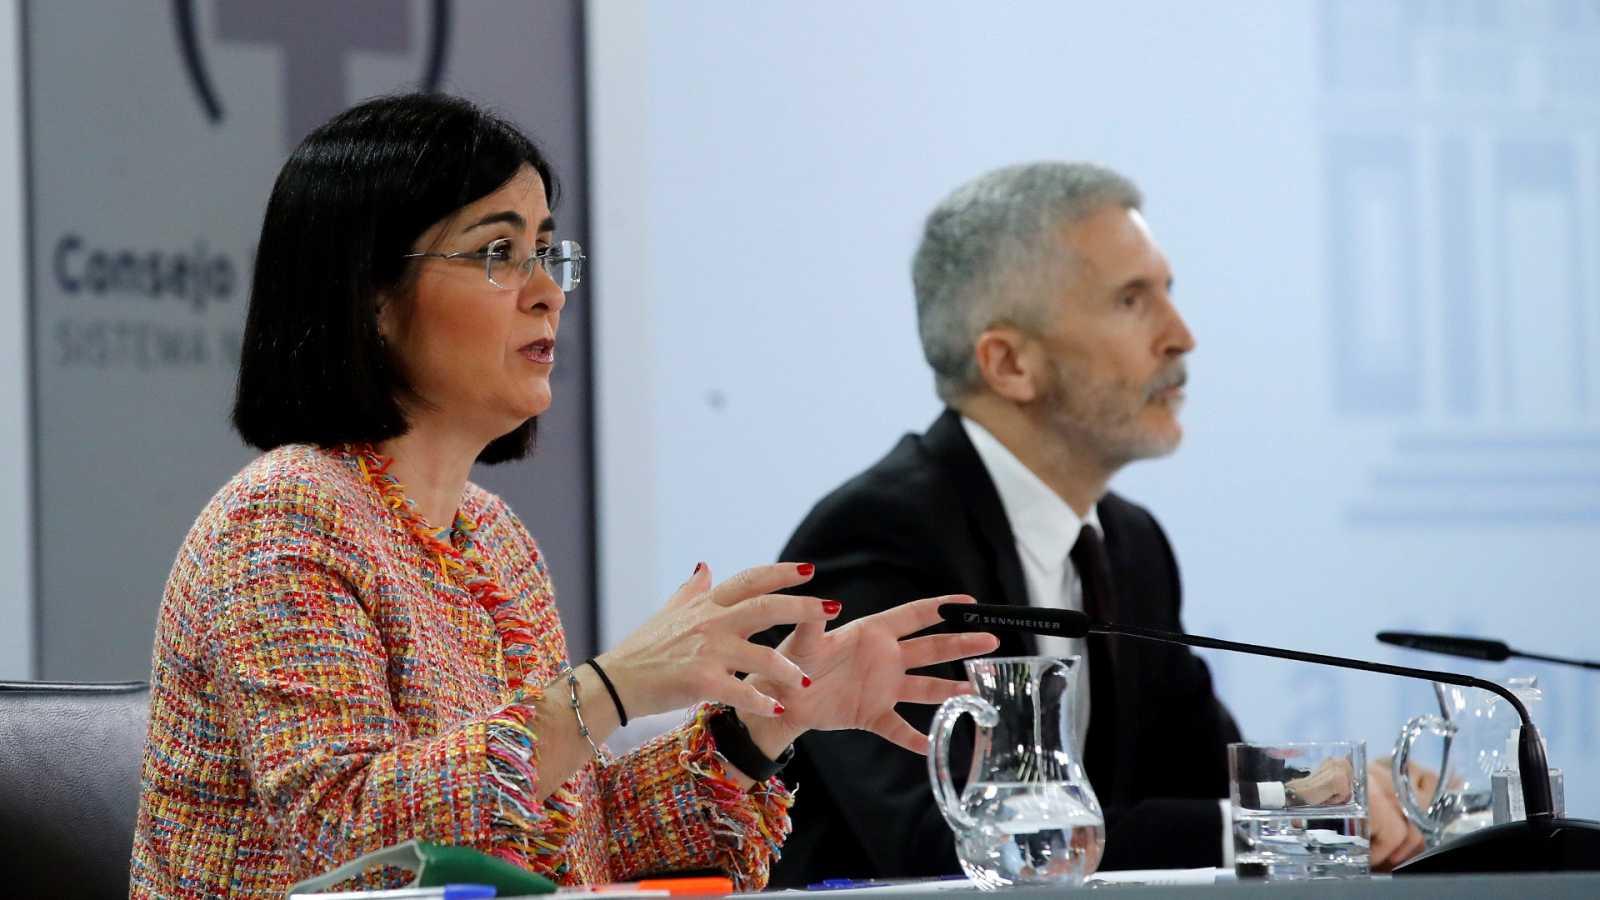 Especial informativo - Comparecencia de la ministra de Sanidad y del ministro del Interior - 24/03/21 - ver ahora